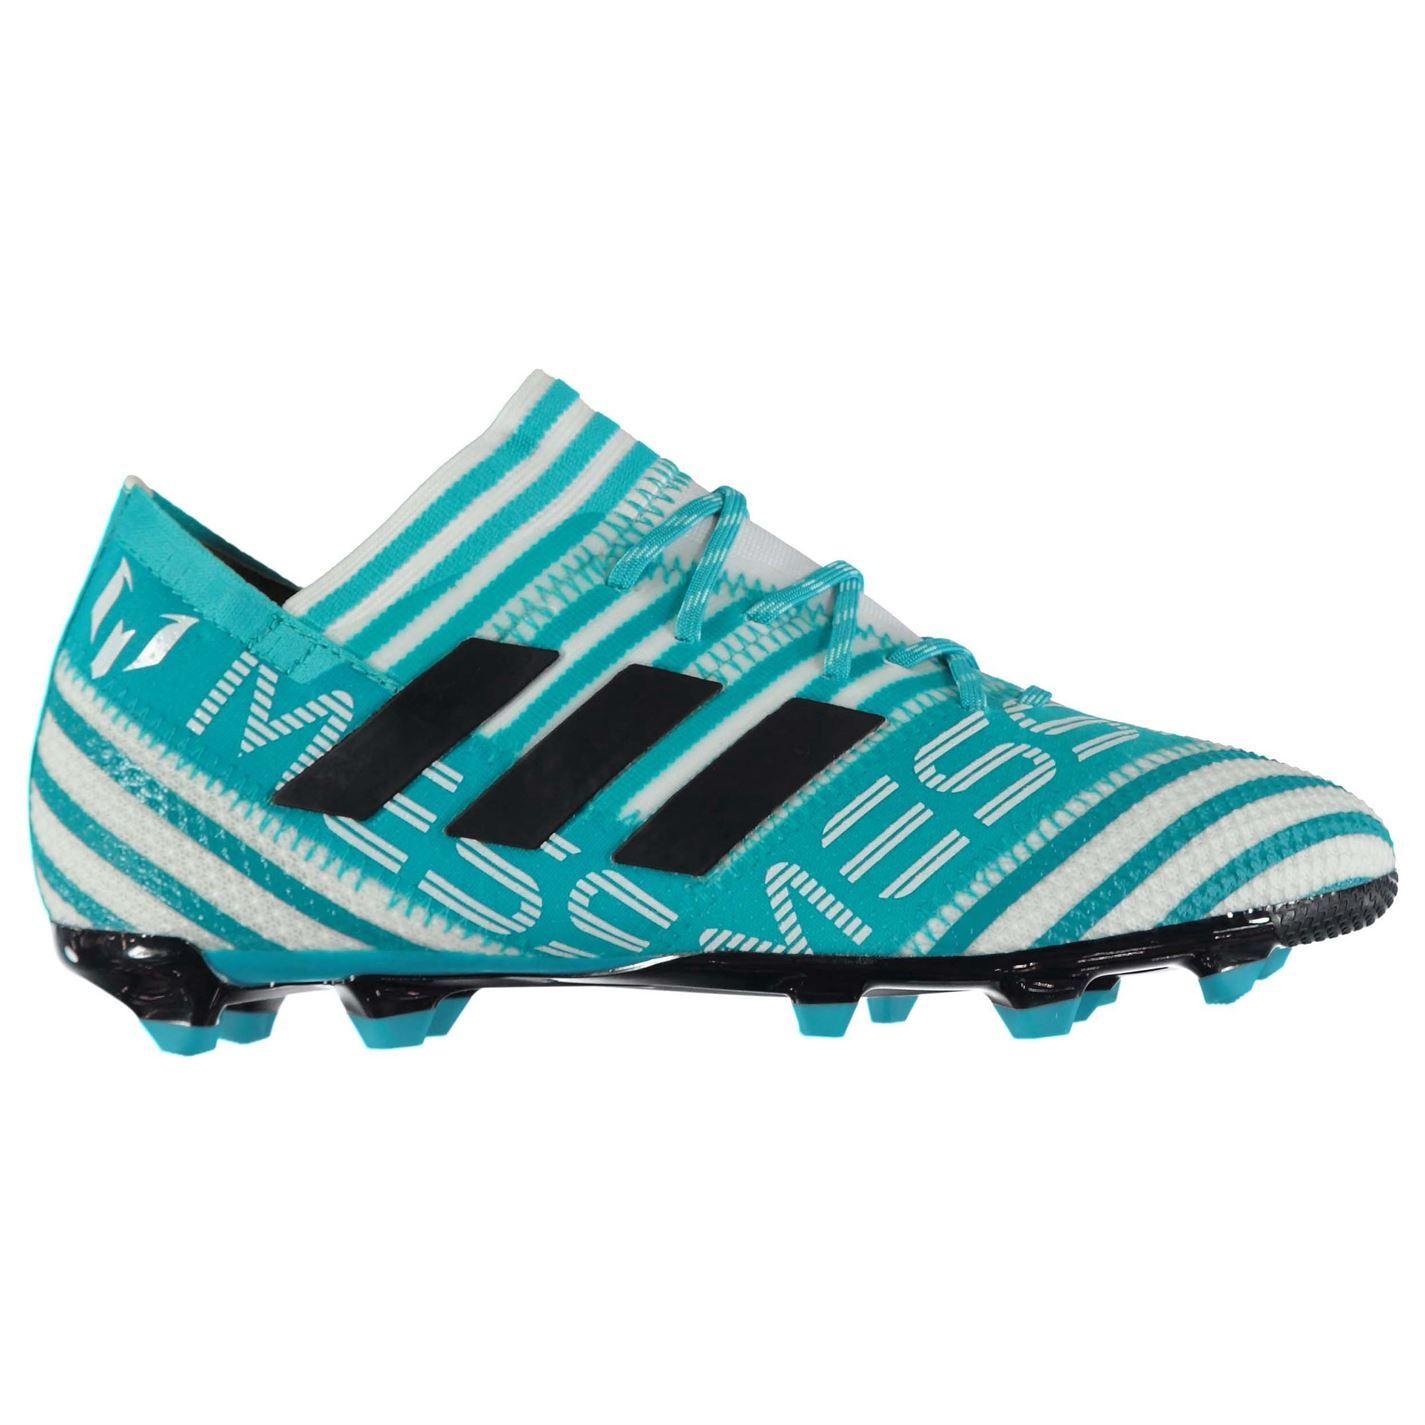 f50ff0837 ... adidas Nemeziz Messi 17.1 Firm Ground Football Boots Juniors Blue  Soccer Cleats ...